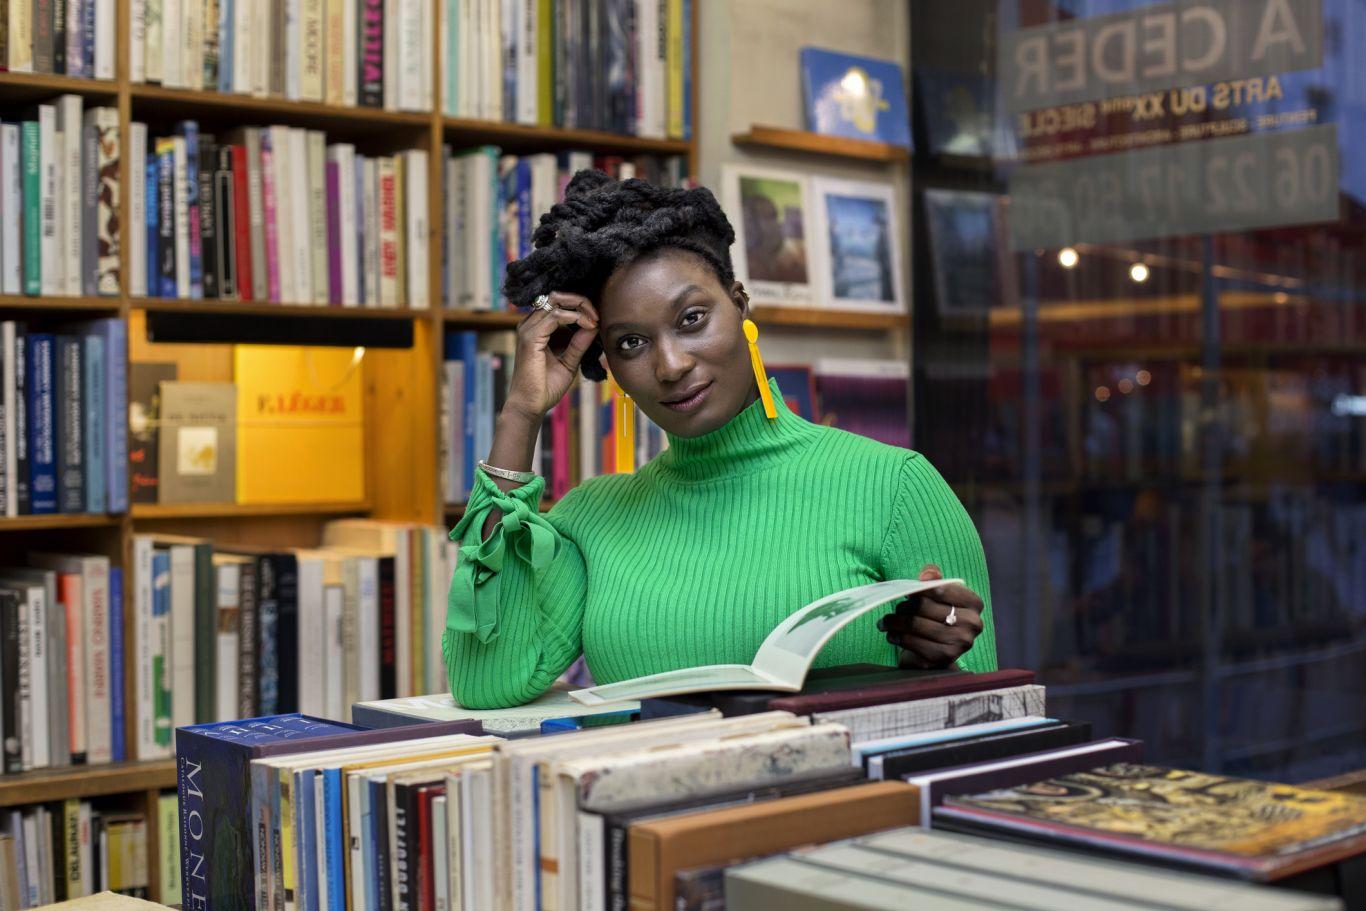 O combate antirracista do Brasil necessita redescobrir na África como suas raízes